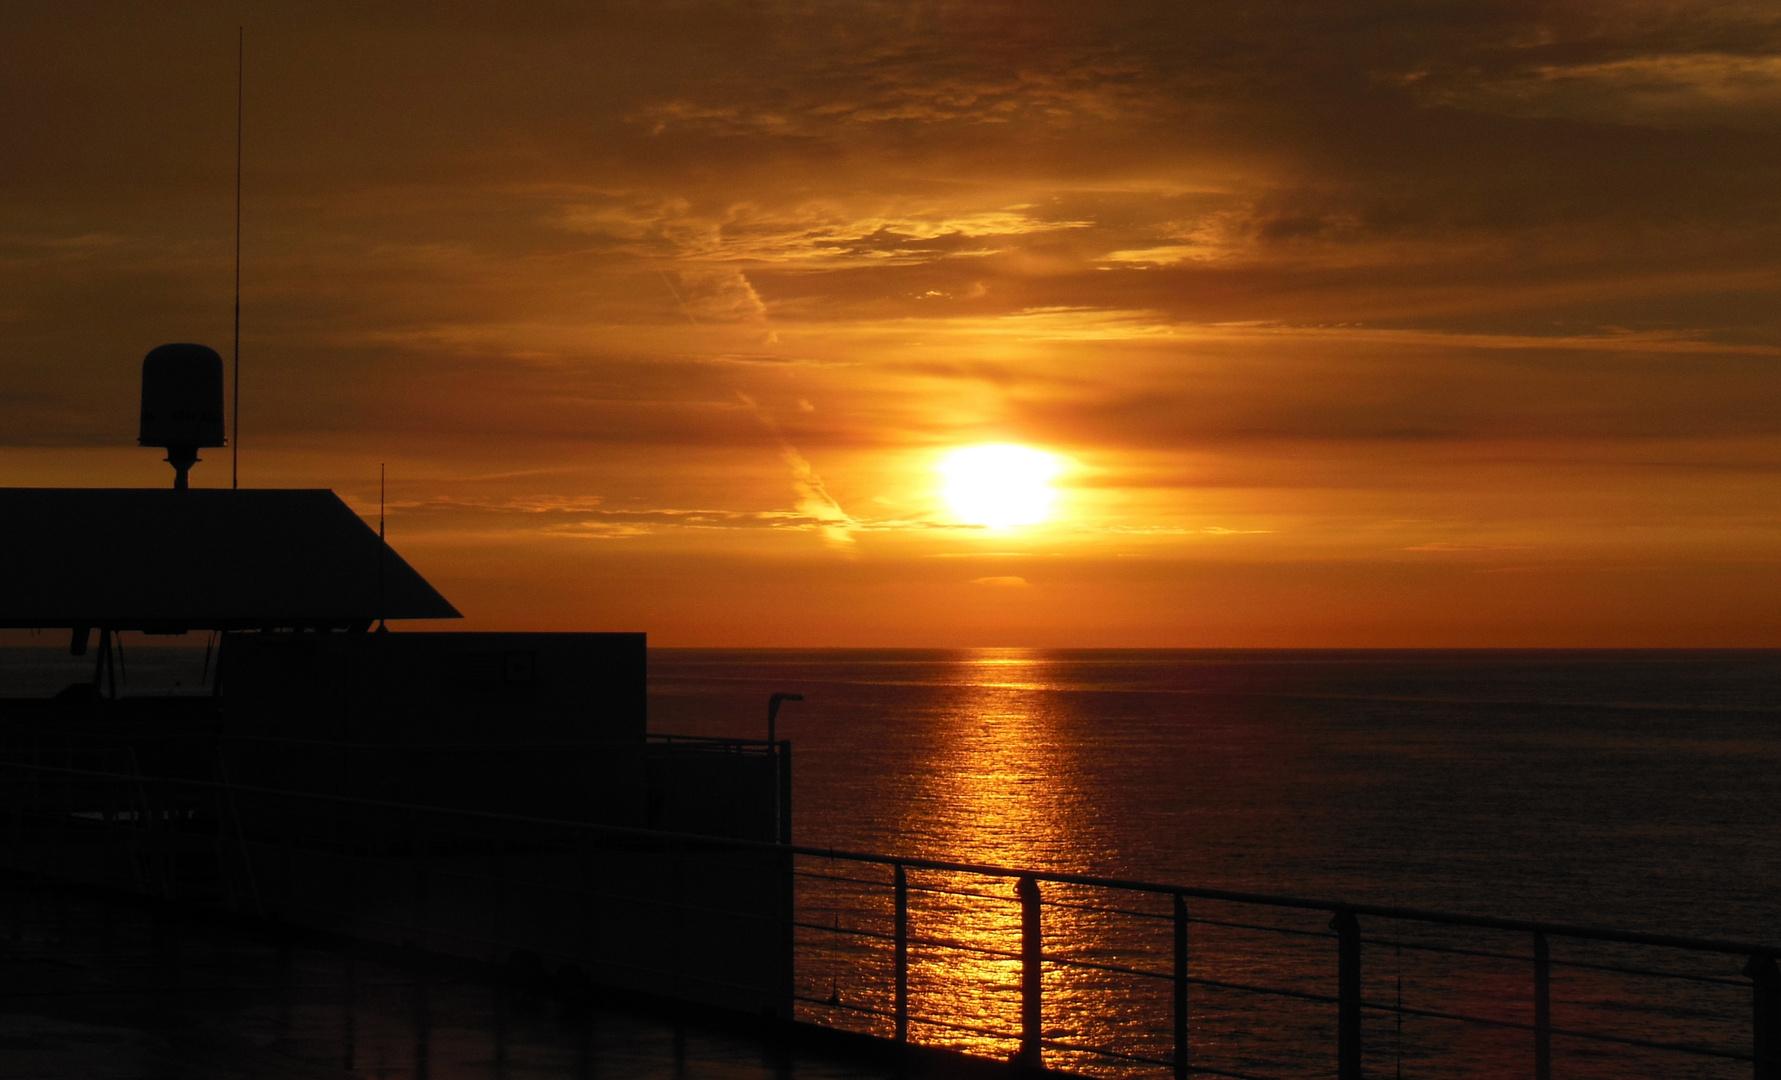 Sonnenaufgang auf dem Schiff